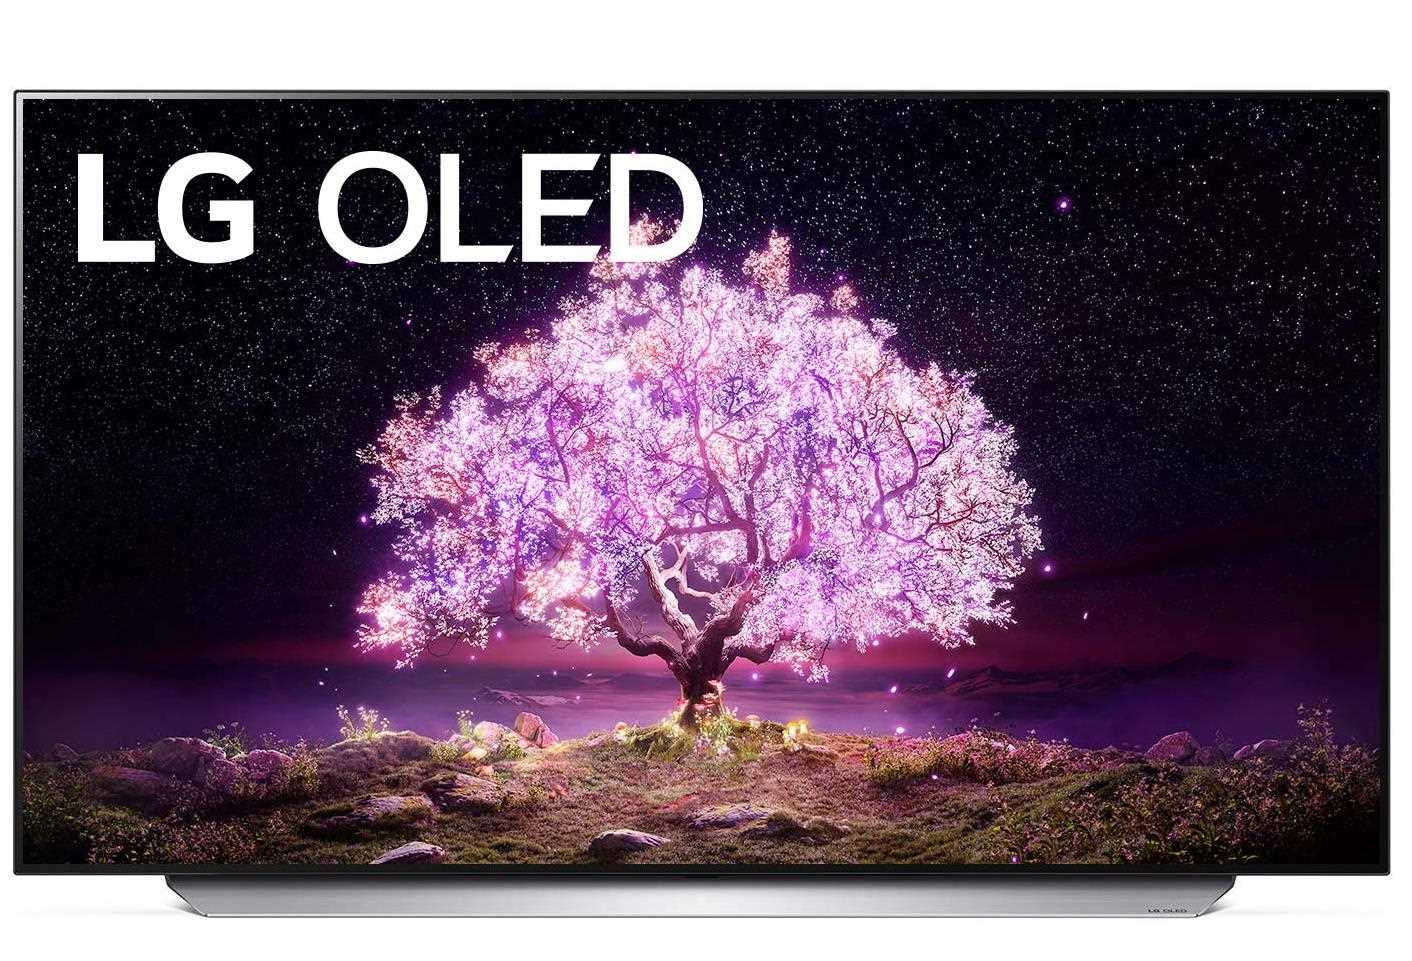 טלוויזיה 48 אינץ' דגם OLED 48C1PVB  בטכנולוגיית LG OLED 4K Ultra HD אל ג'י - תמונה 1